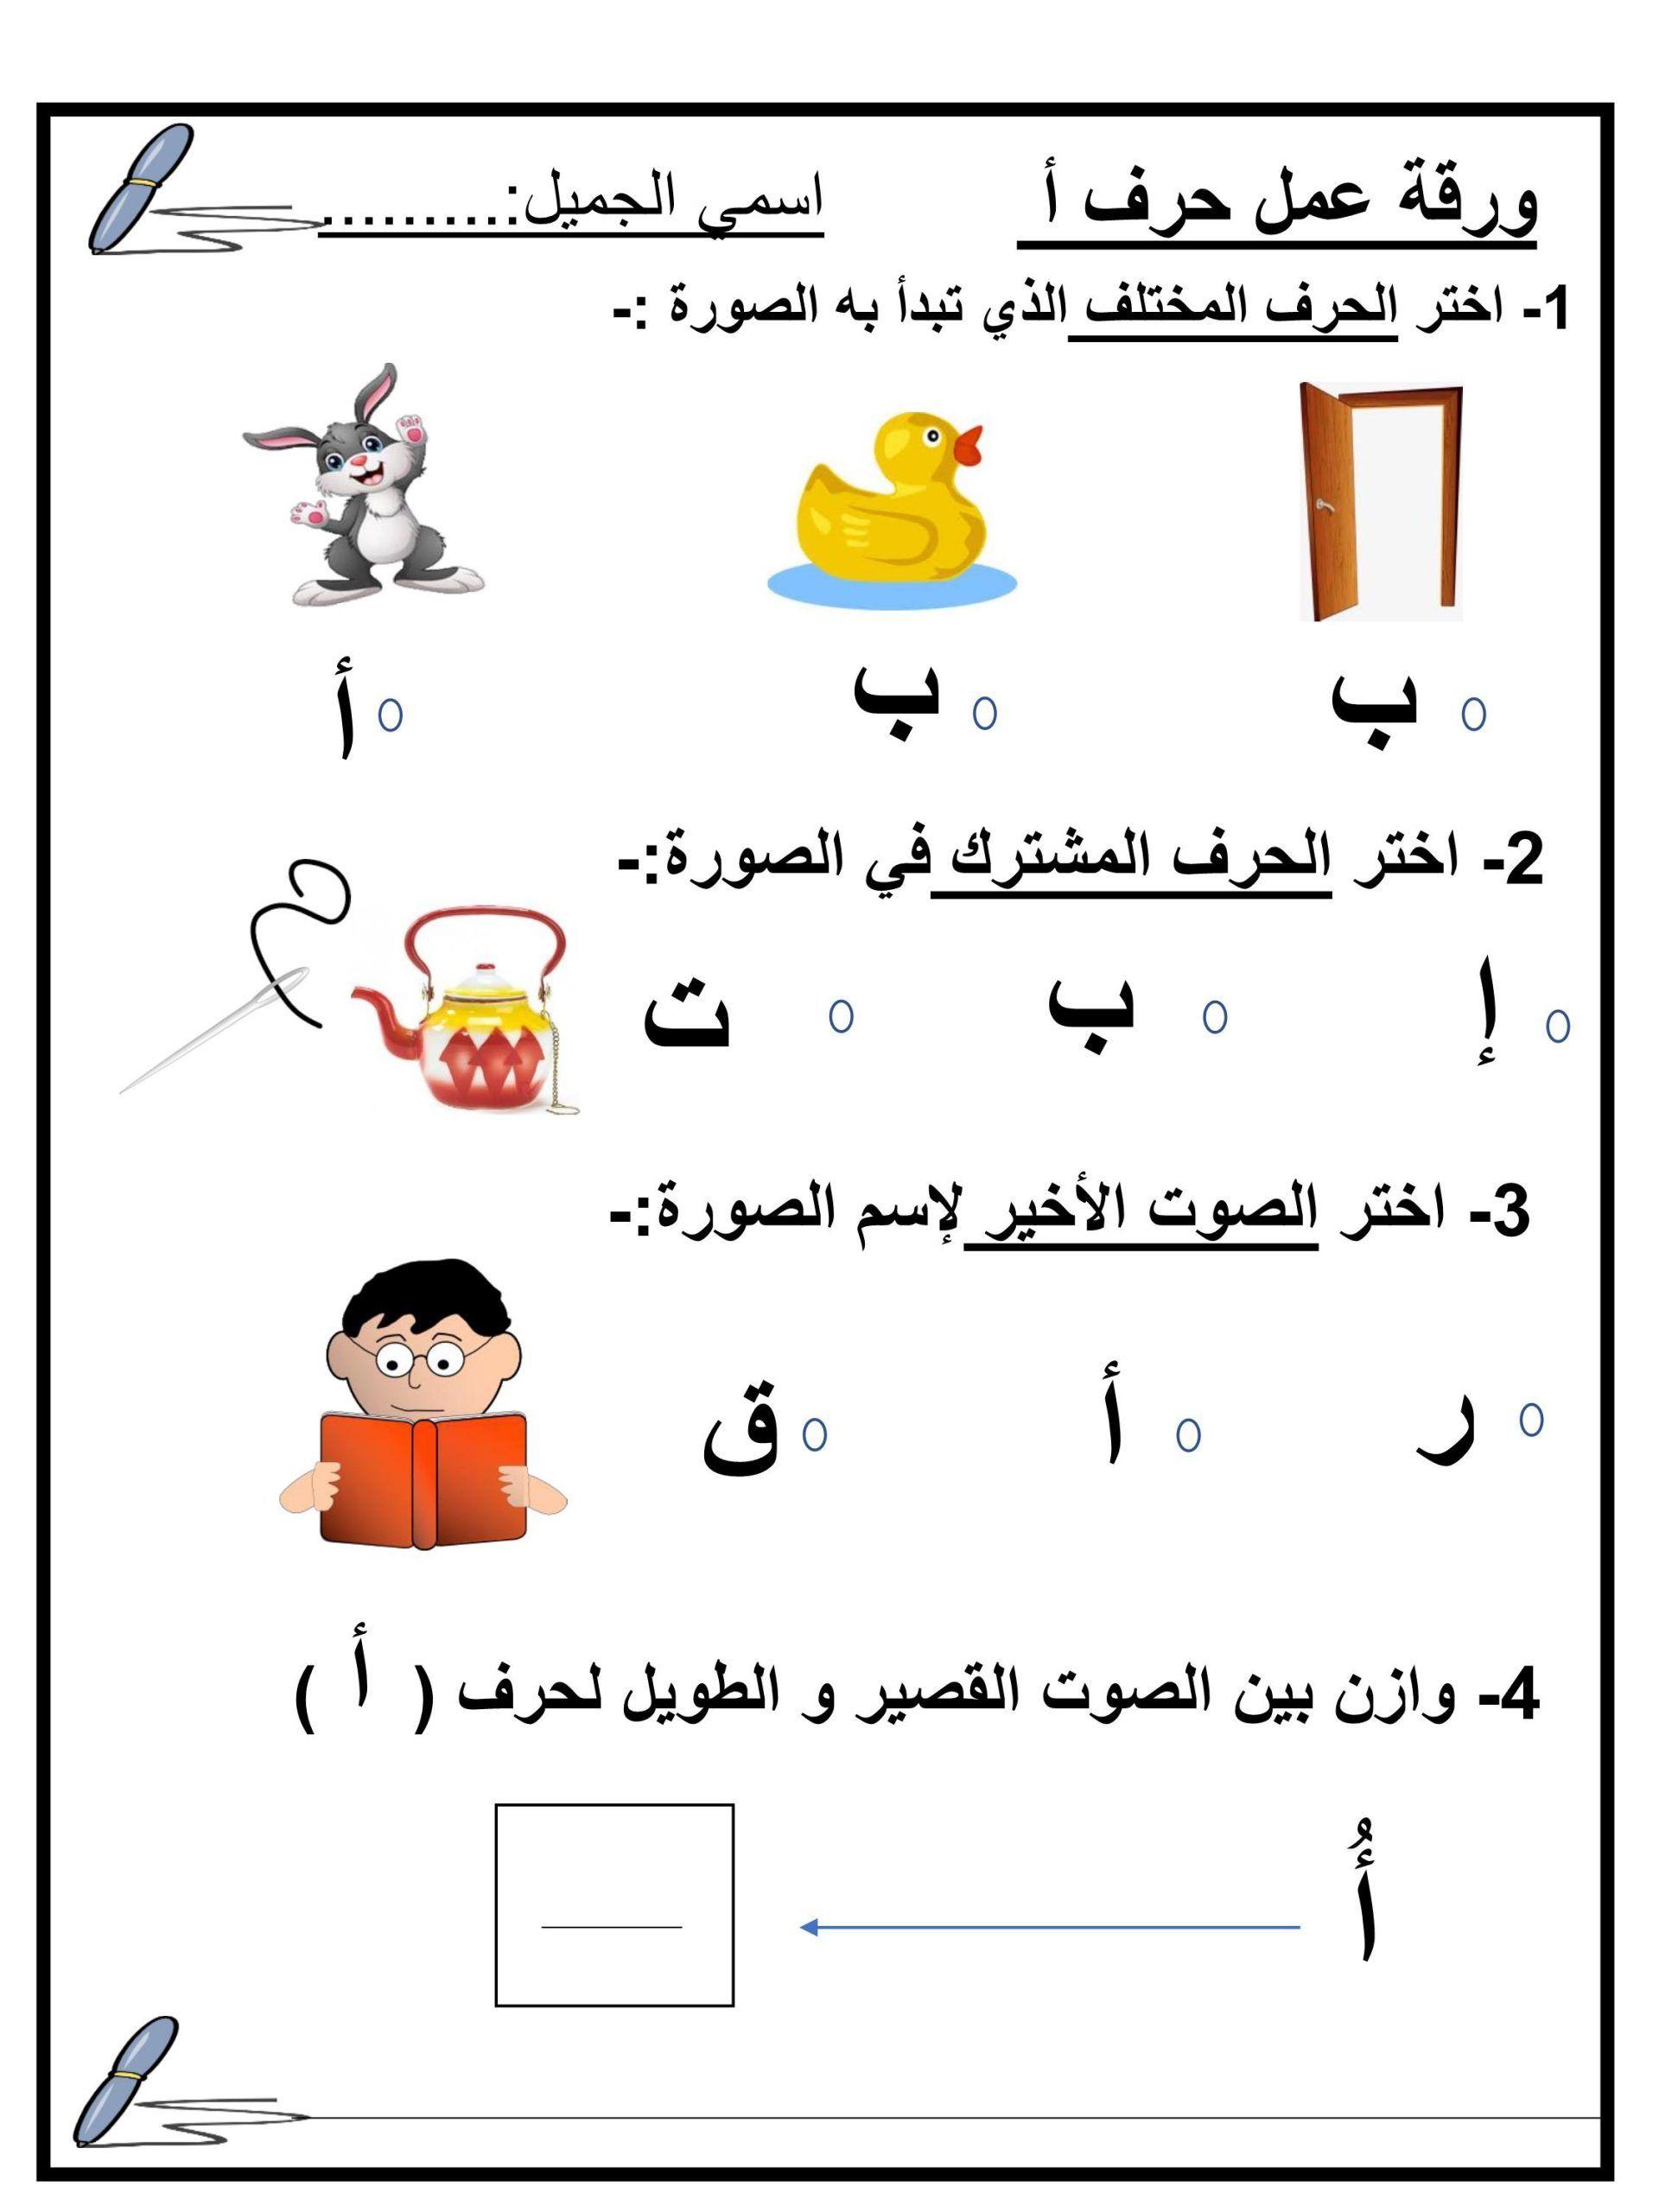 ورقة عمل و تدريبات حرف الالف للصف الاول مادة اللغة العربية Arabic Alphabet For Kids Arabic Kids Alphabet For Kids